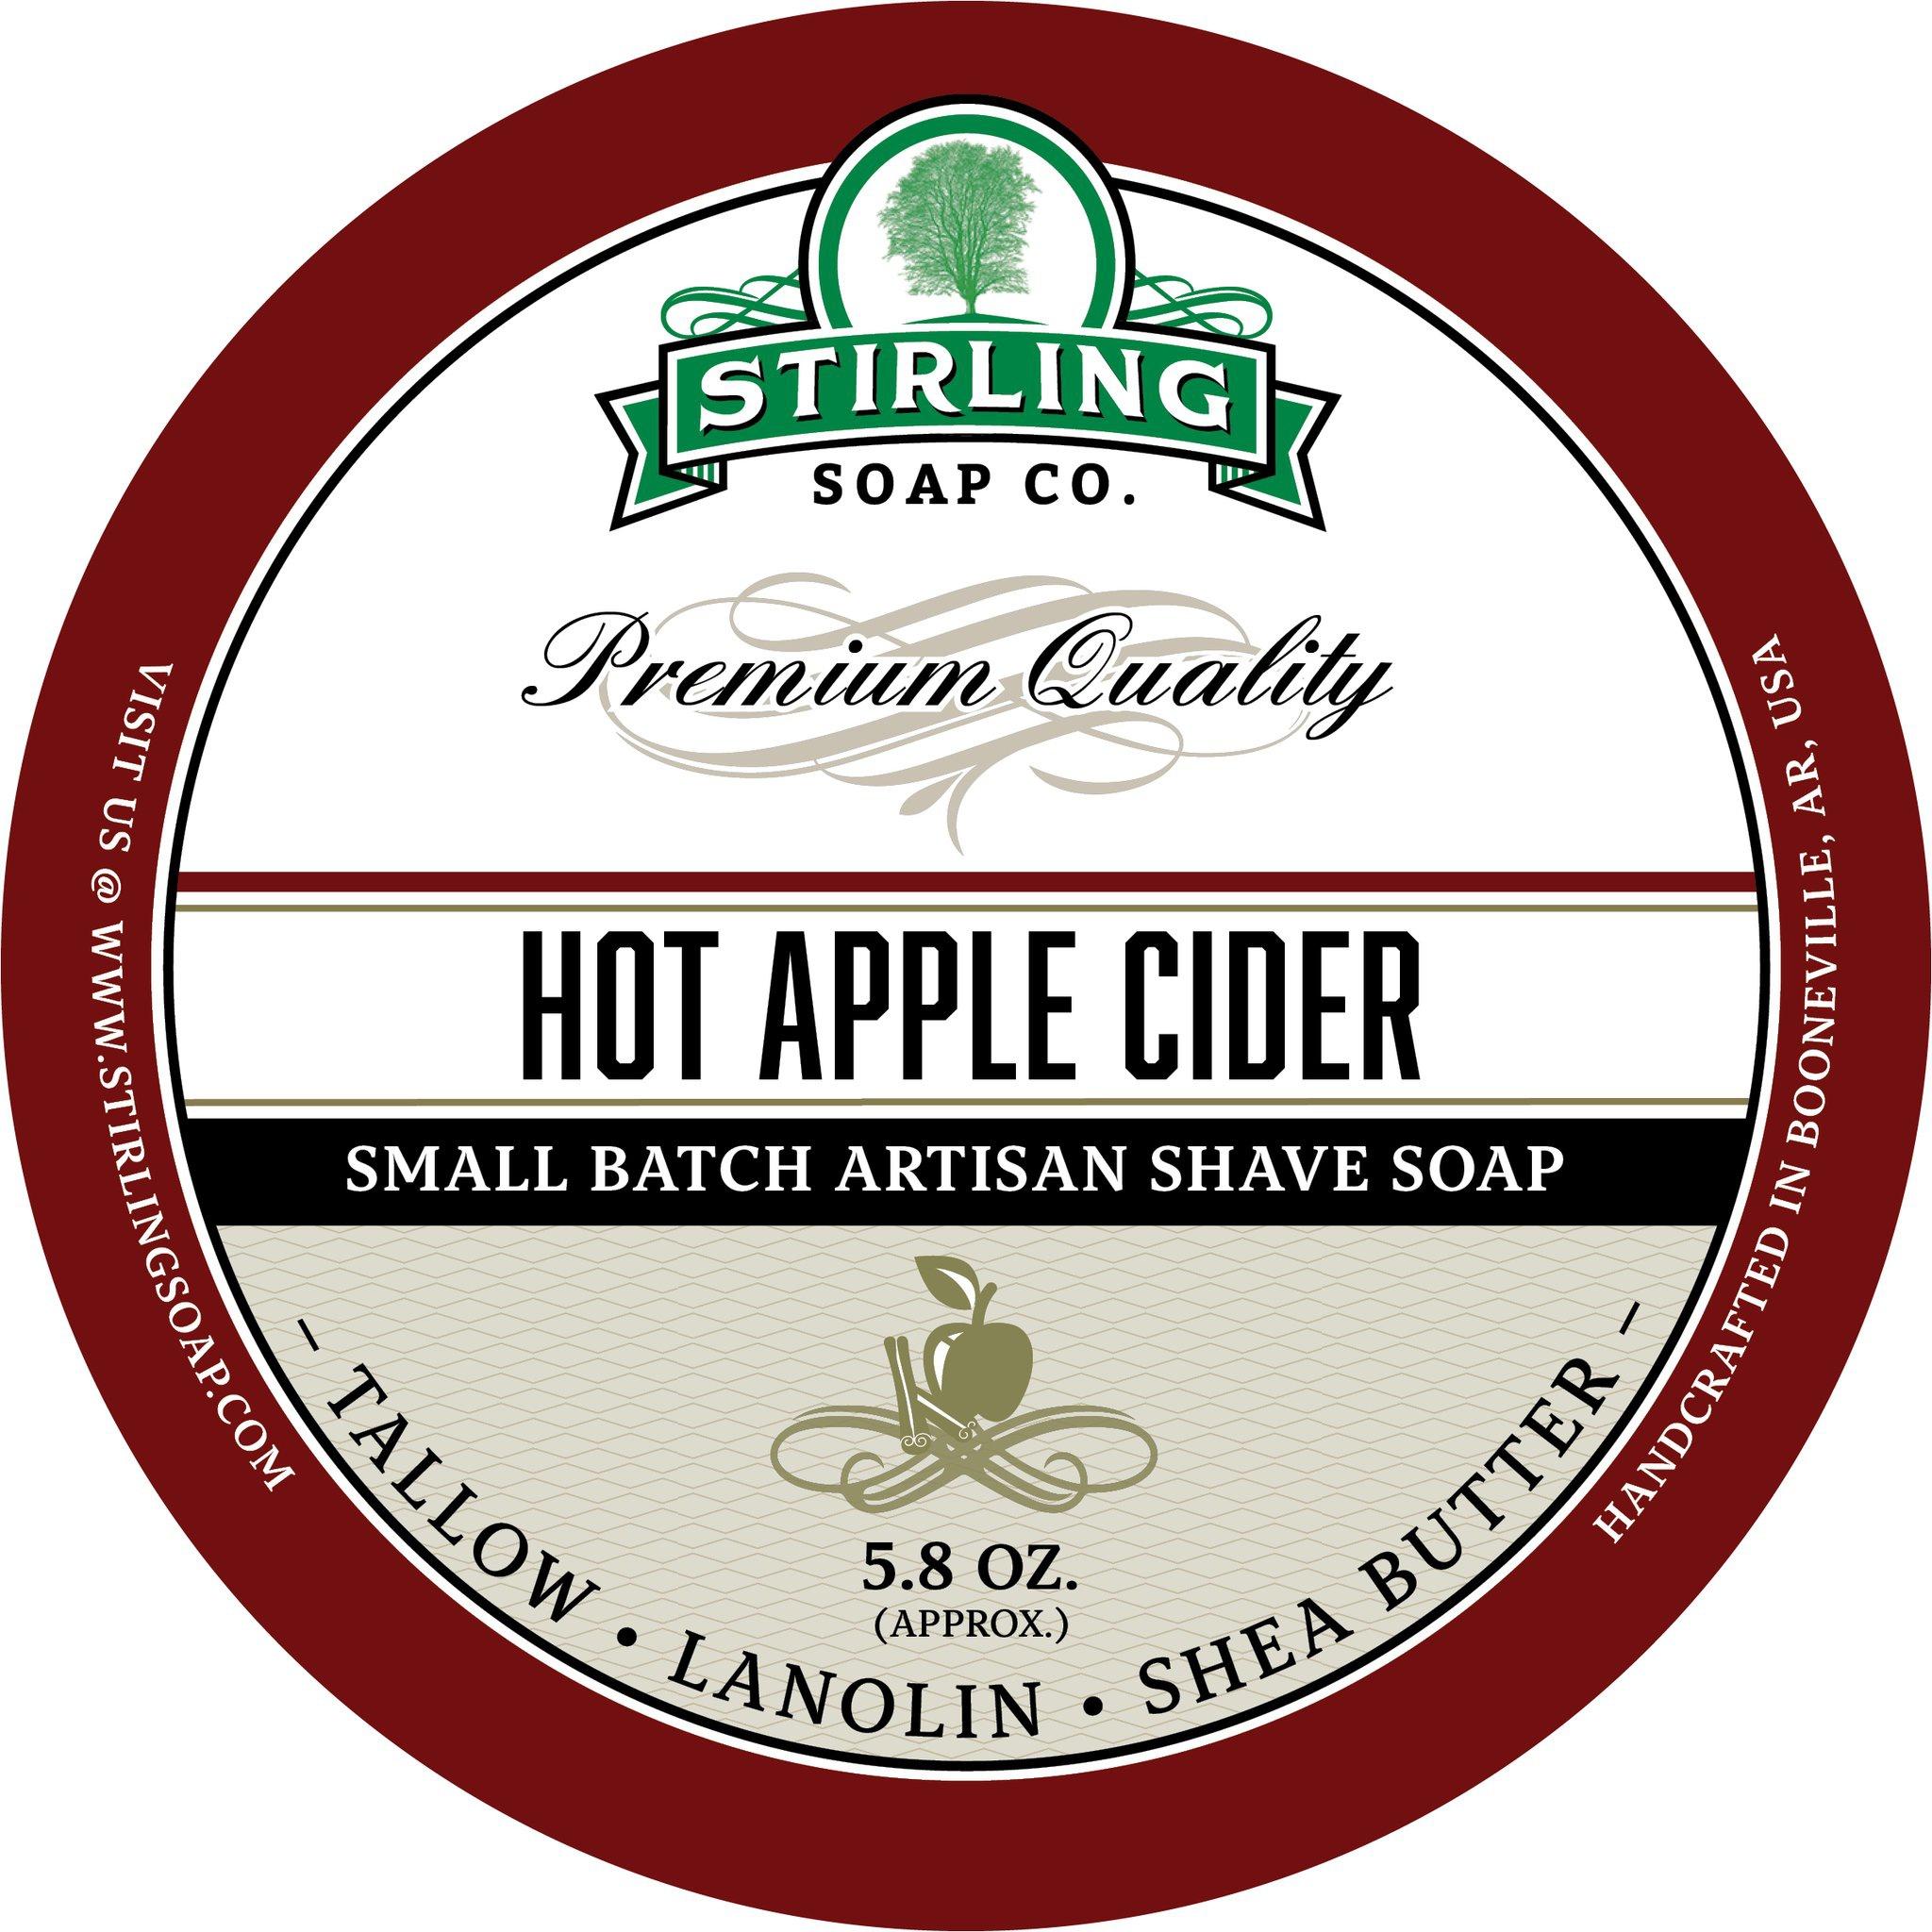 Stirling Soap Co. Hot Apple Cider Shave Soap